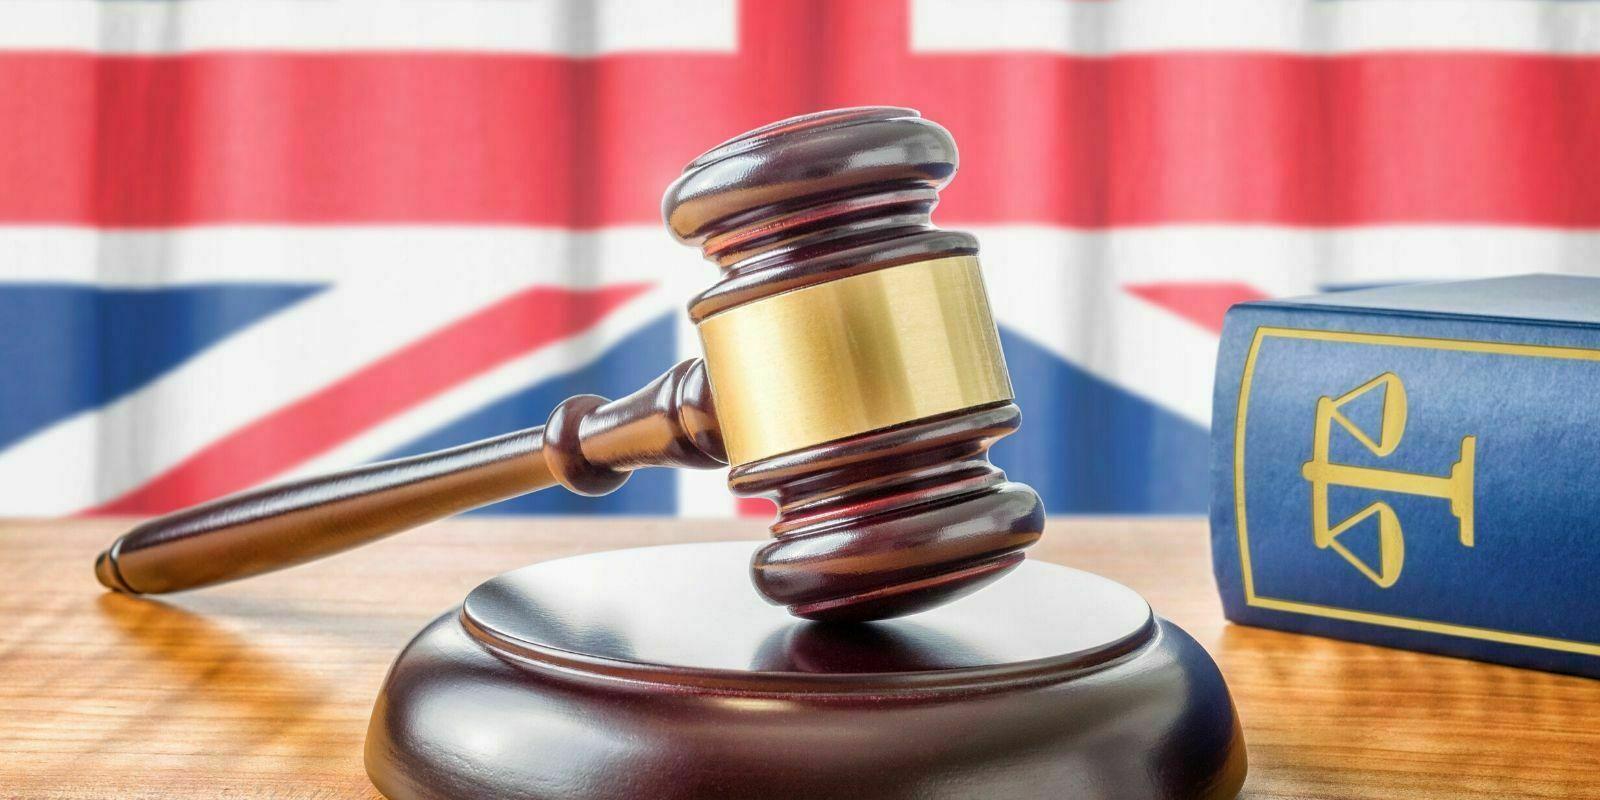 La Haute Cour britannique met fin à l'escroquerie de la plateforme GPay